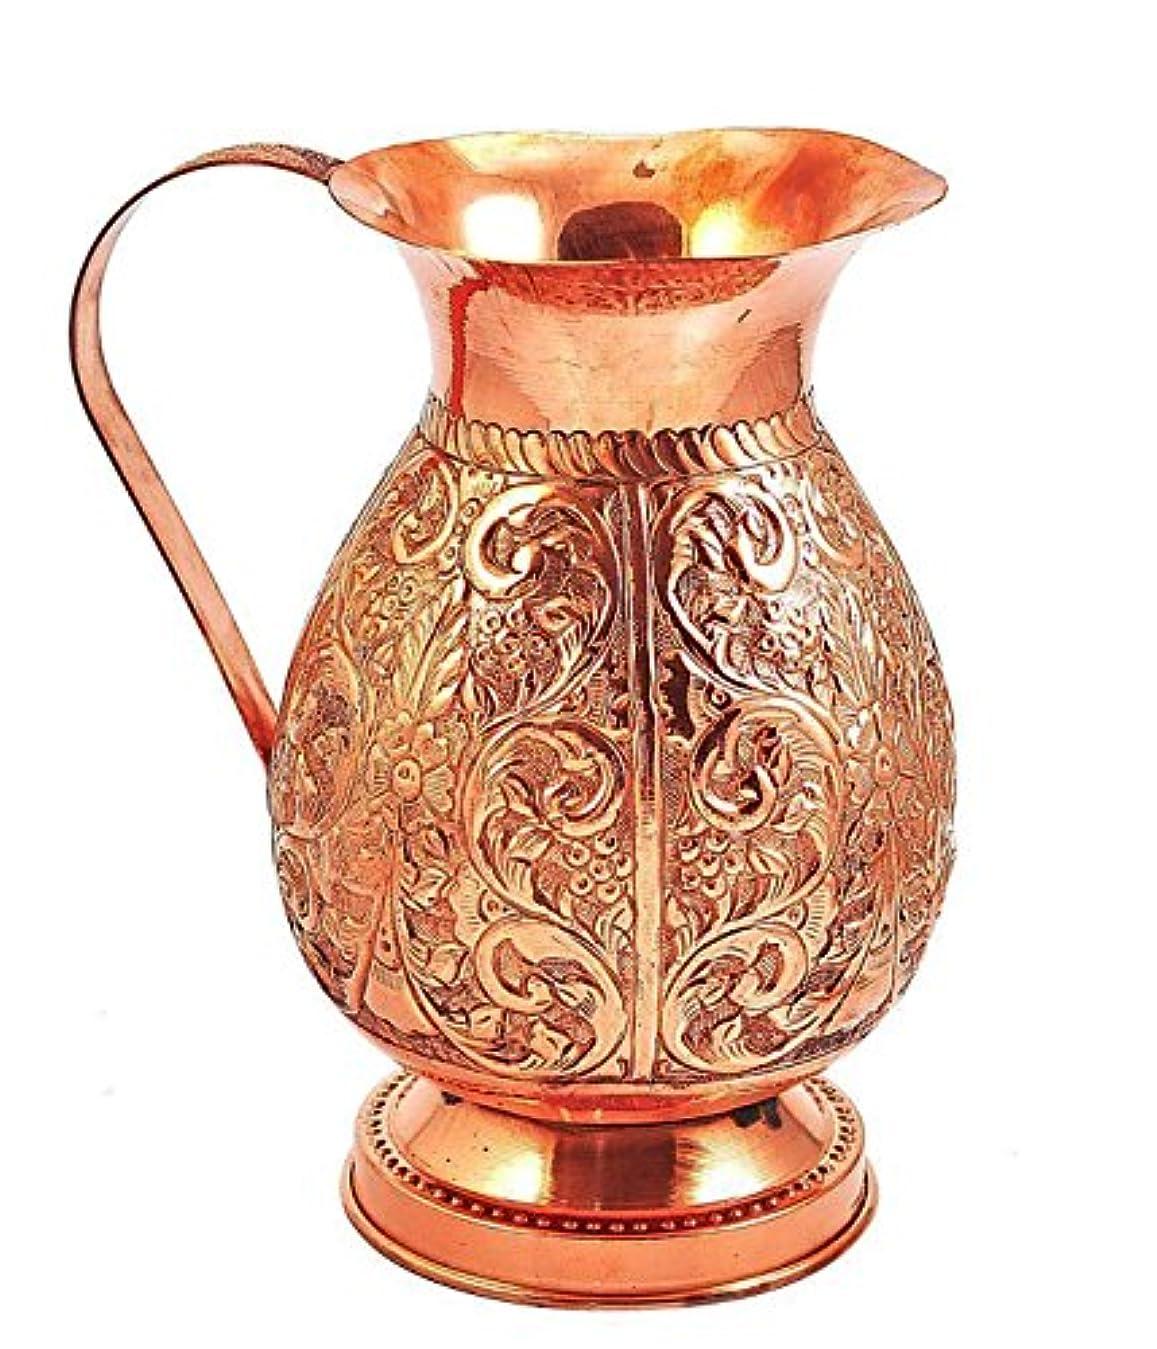 逸話まで製作Parijat Handicraft手作りピュア銅水ピッチャーフラワーデザインエンボス容量67流体オンス約